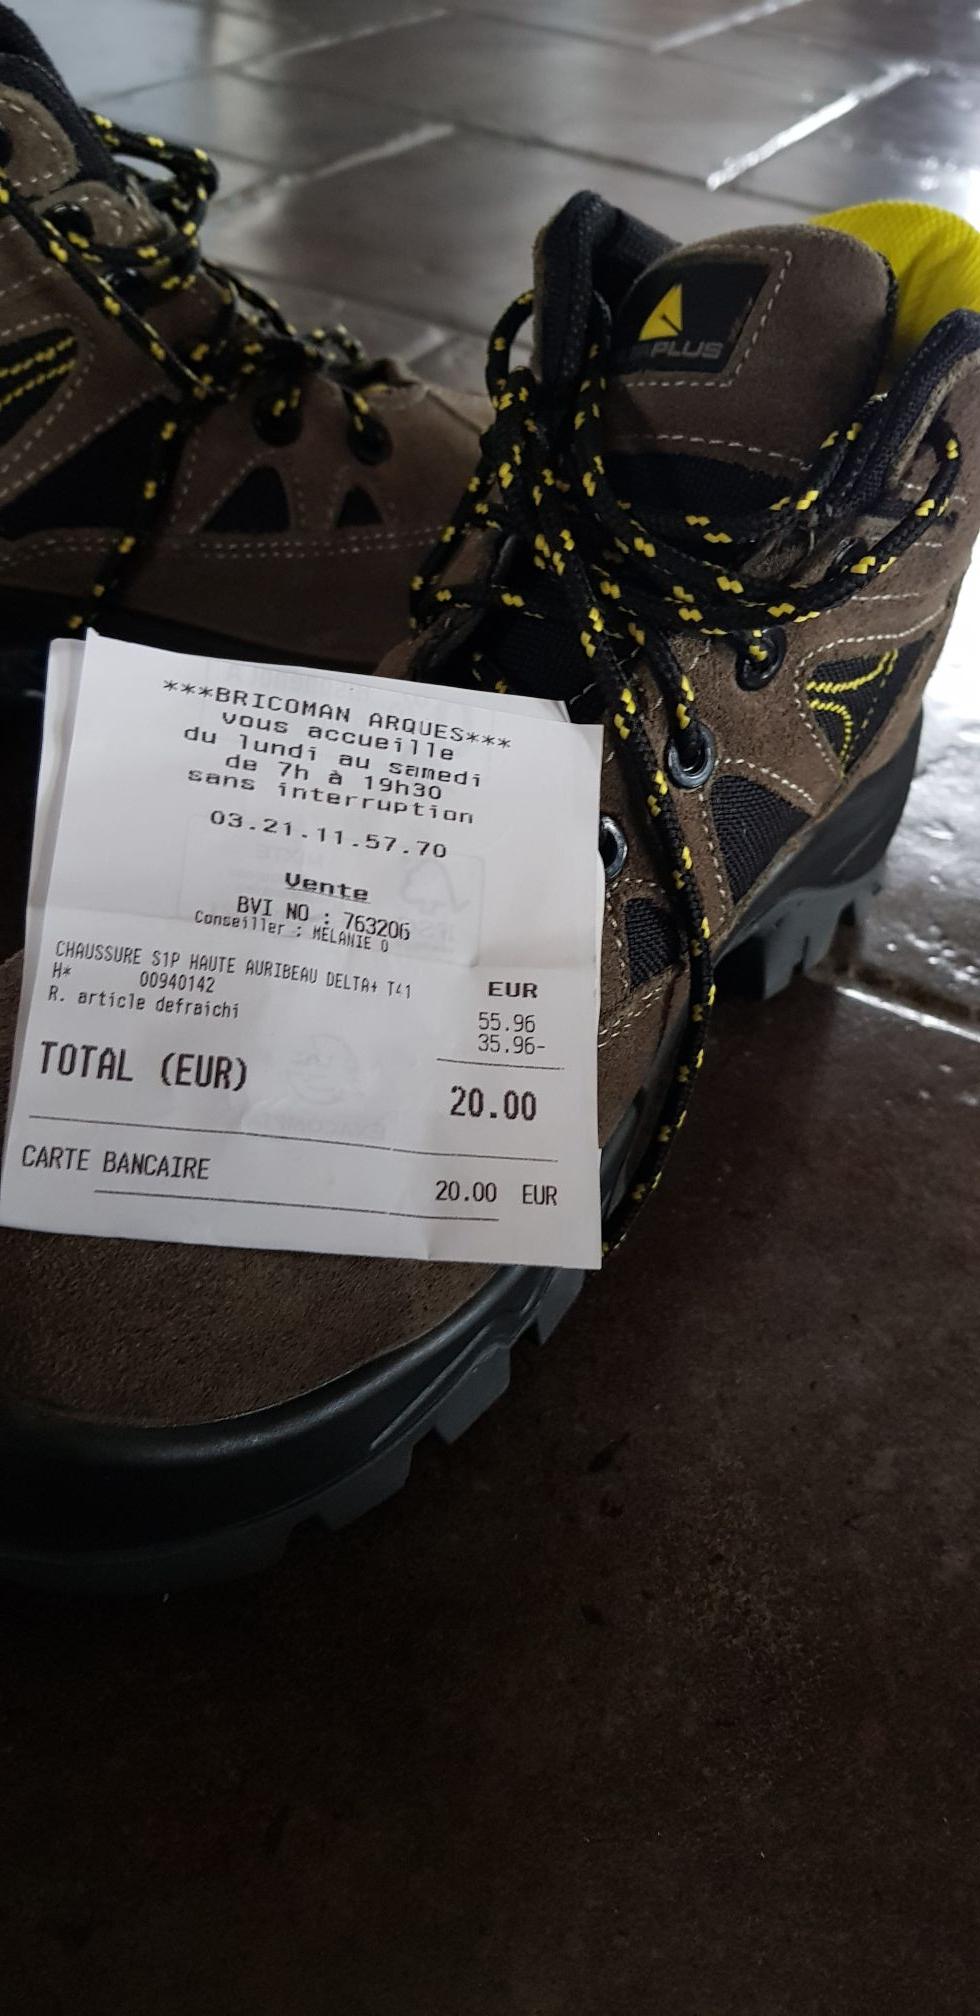 Chaussure de sécurité Auribeau Delta - Bricoman de arques (62)